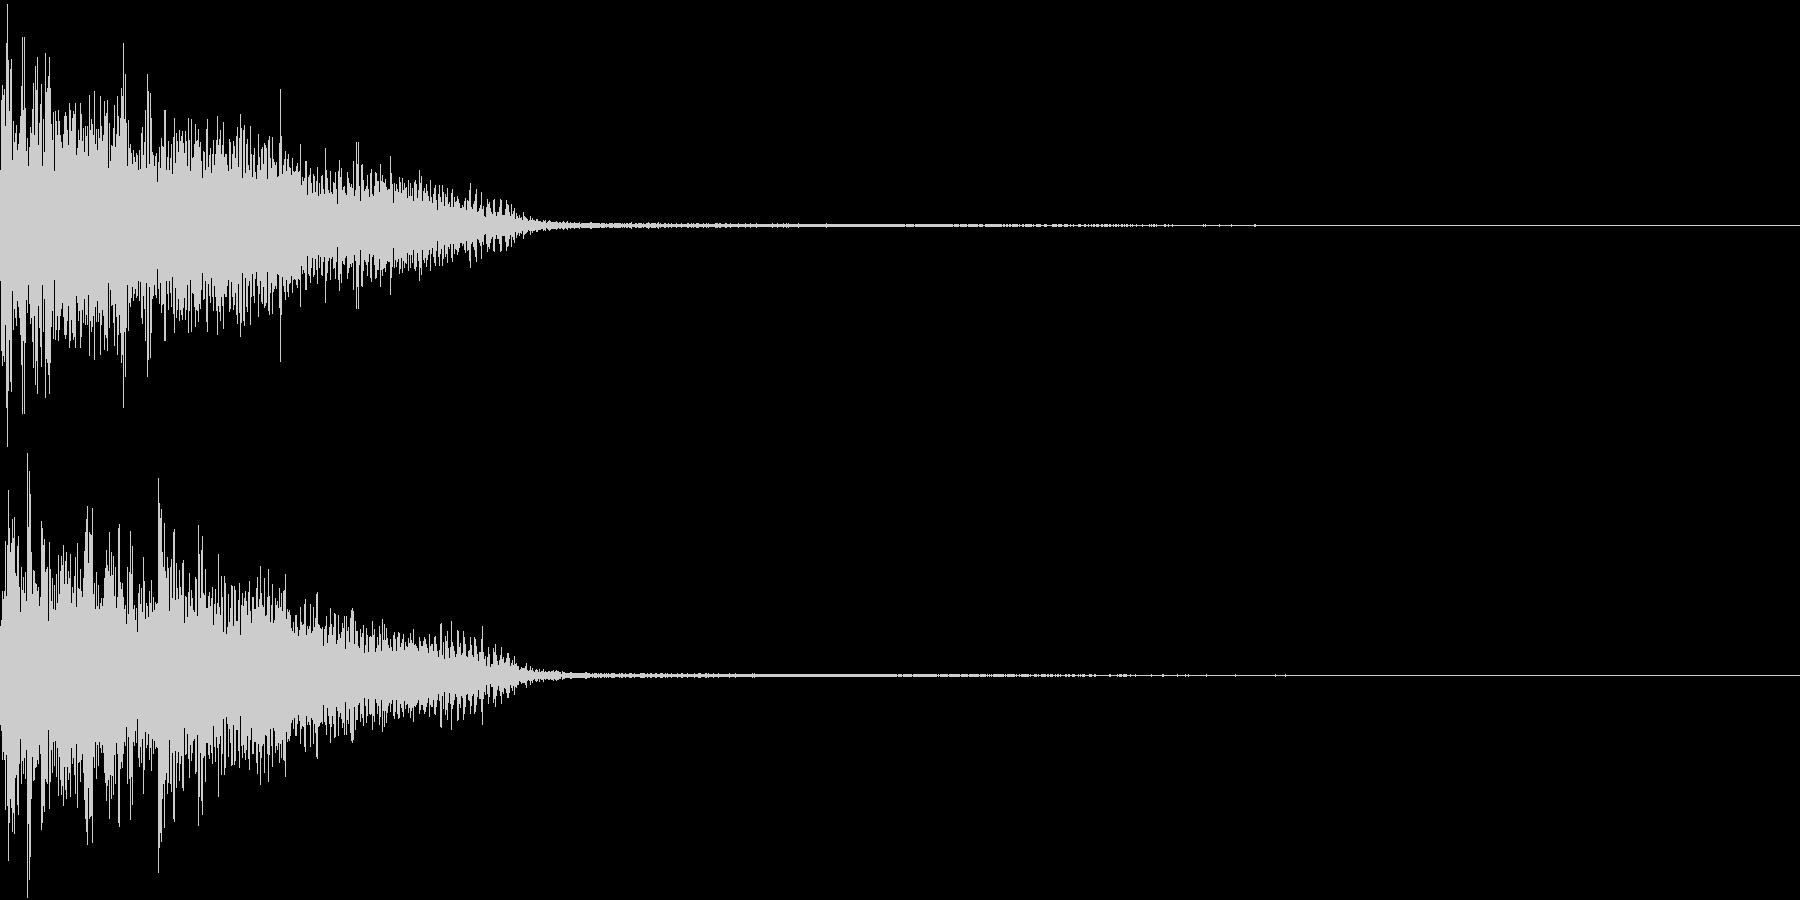 InvaderBuzz 発砲音 8の未再生の波形